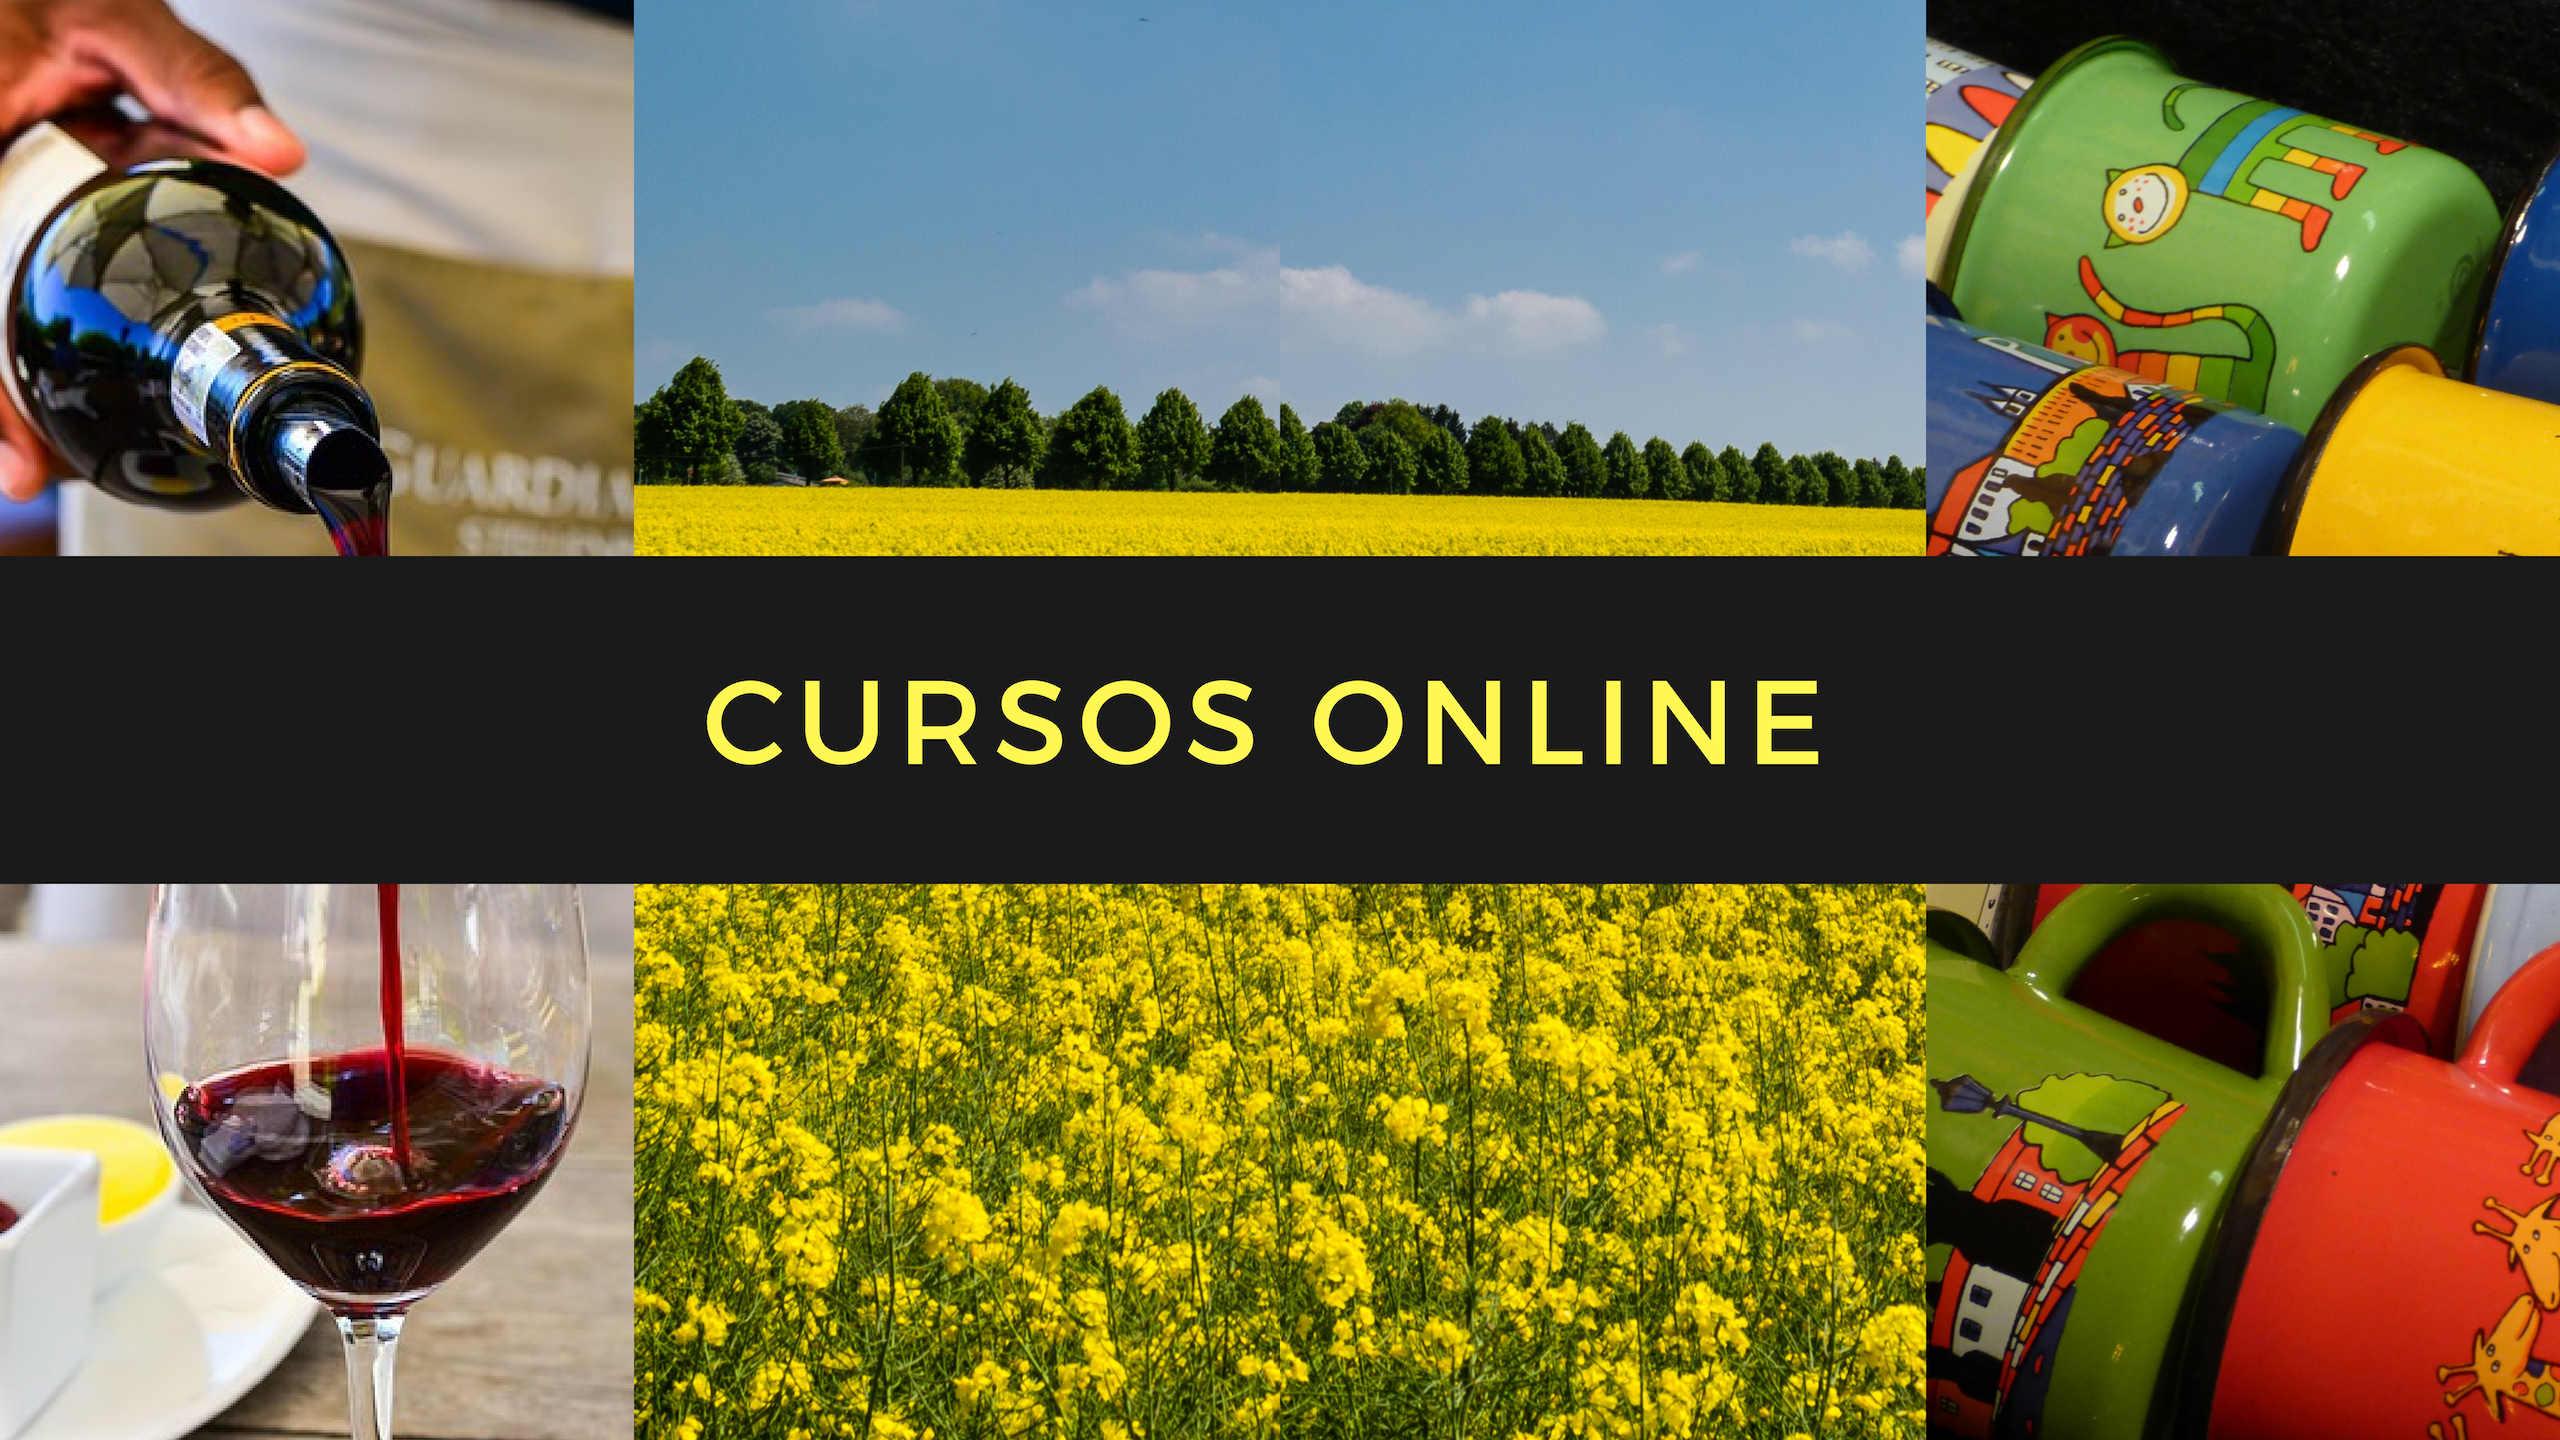 cursos online1 - Cursos online